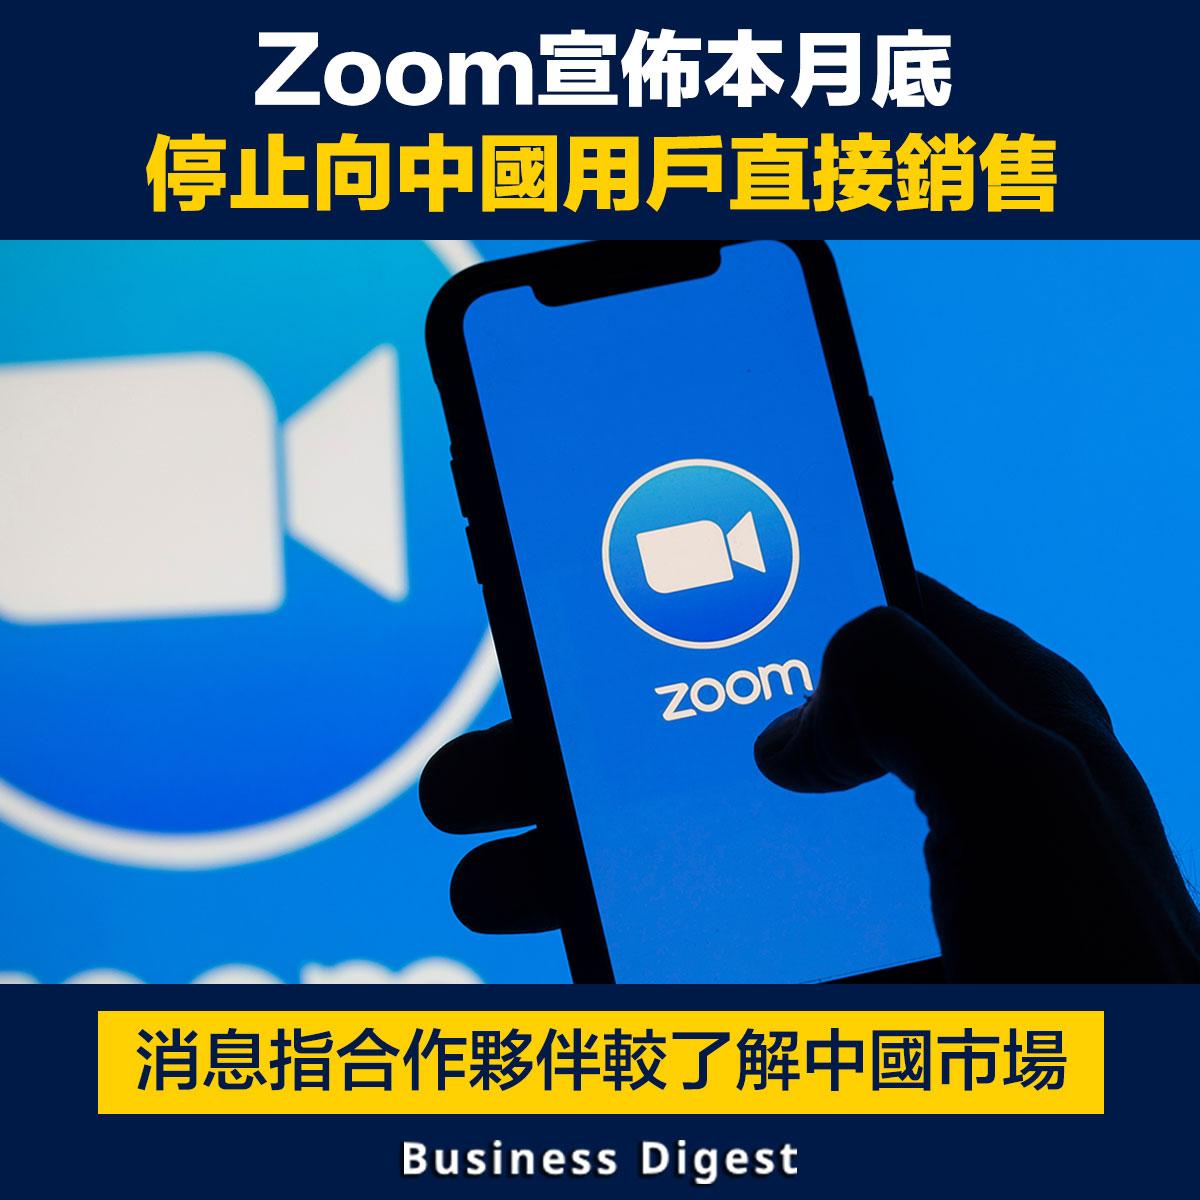 【商業熱話】Zoom宣佈本月底停止向中國用戶直接銷售